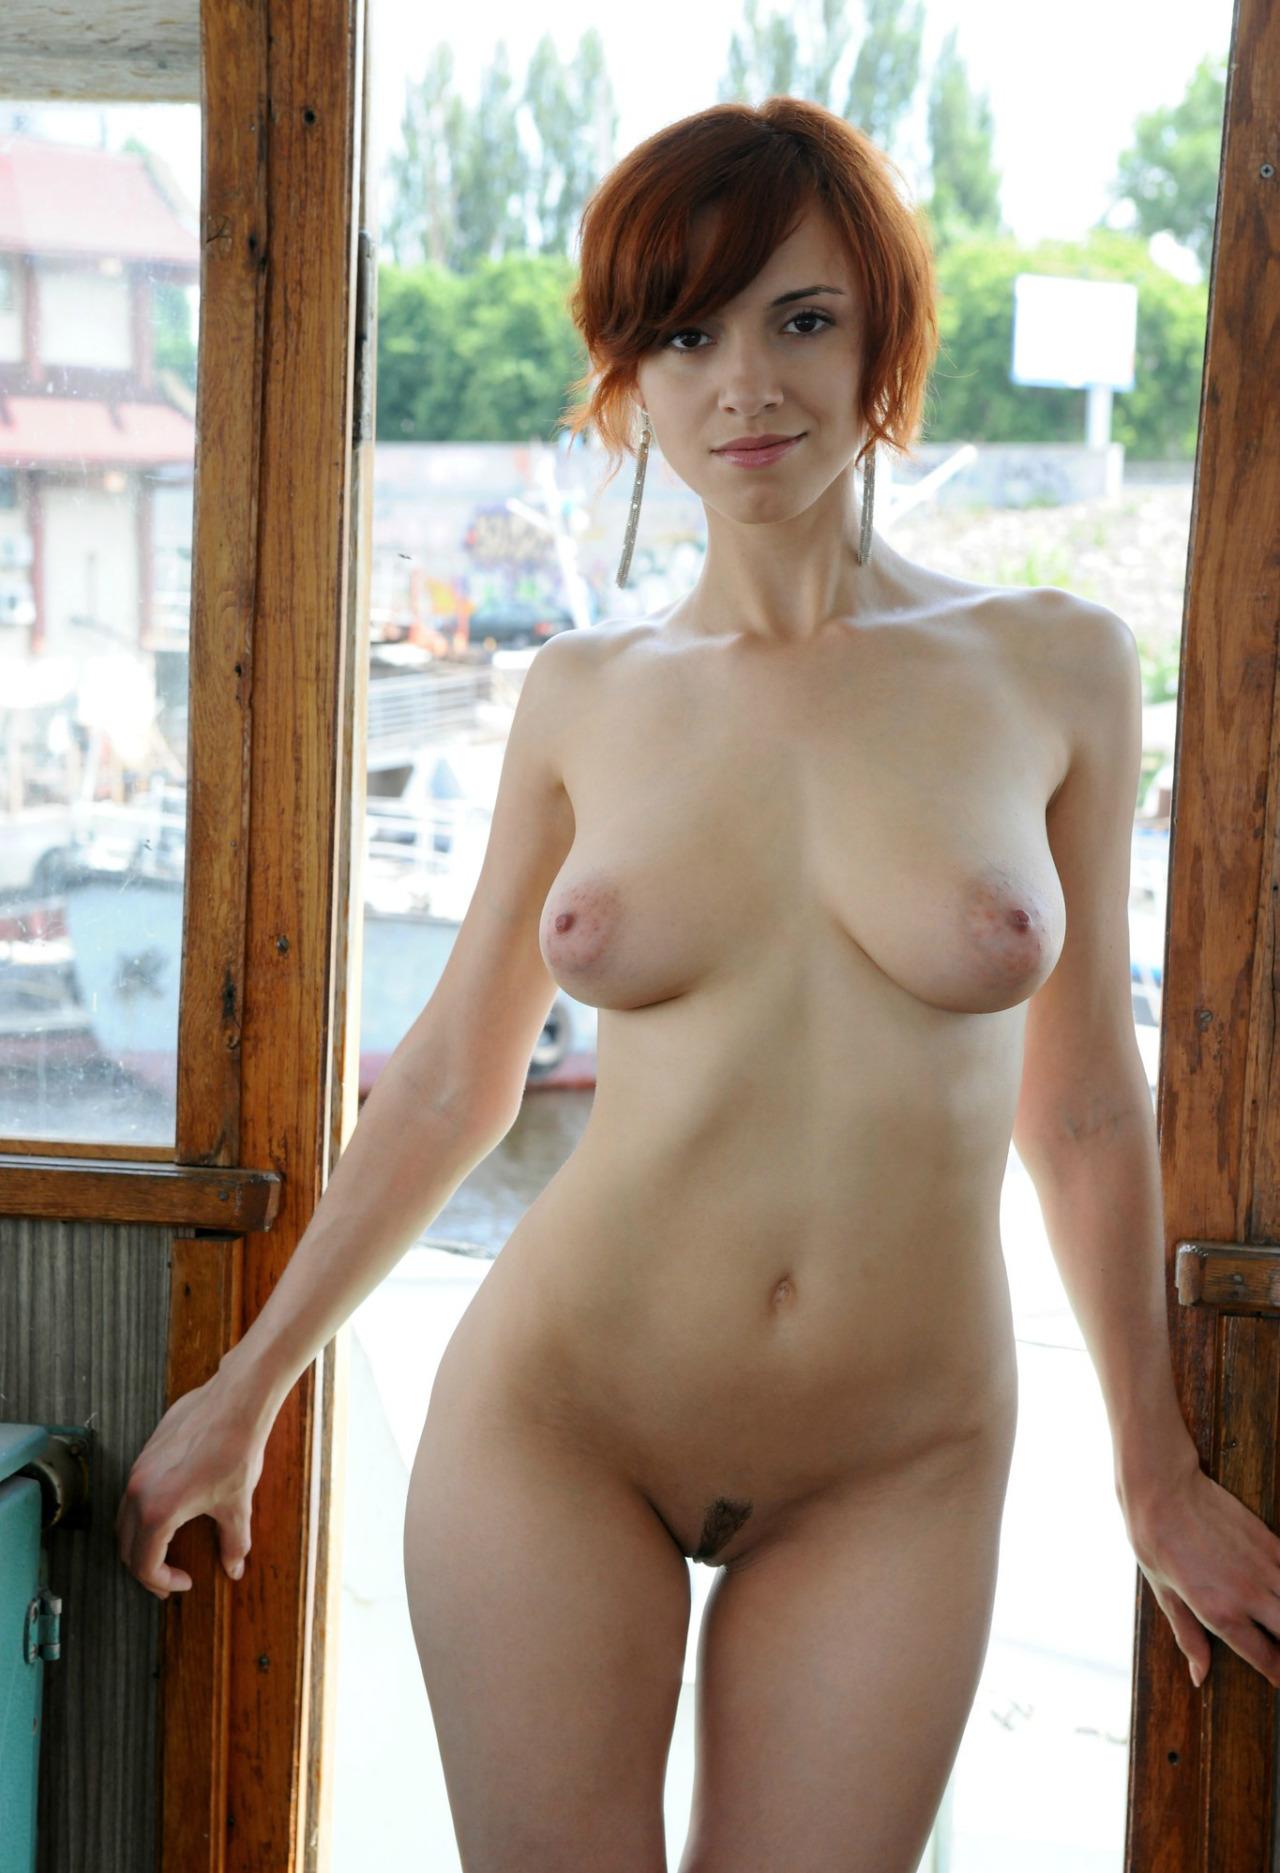 Short hair girl beach nudists